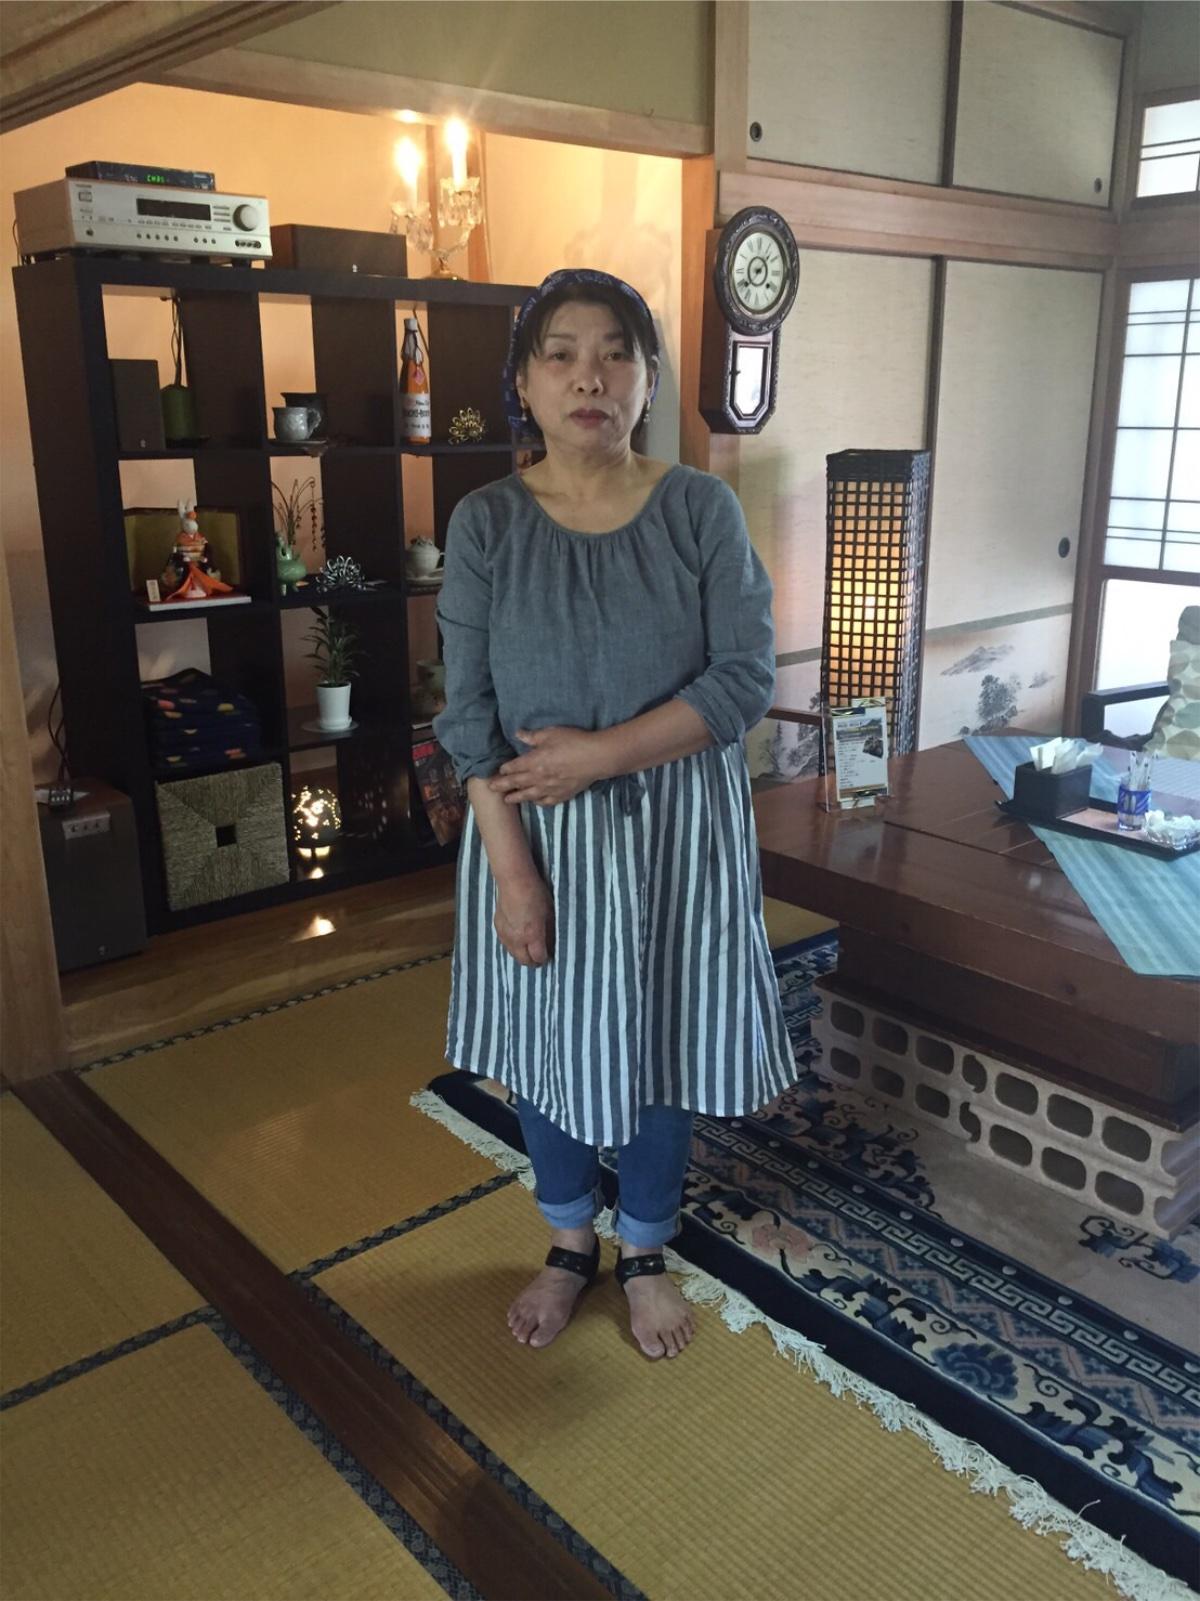 """足部アイテム""""スタビューティ""""使用感想(63歳 女性)"""